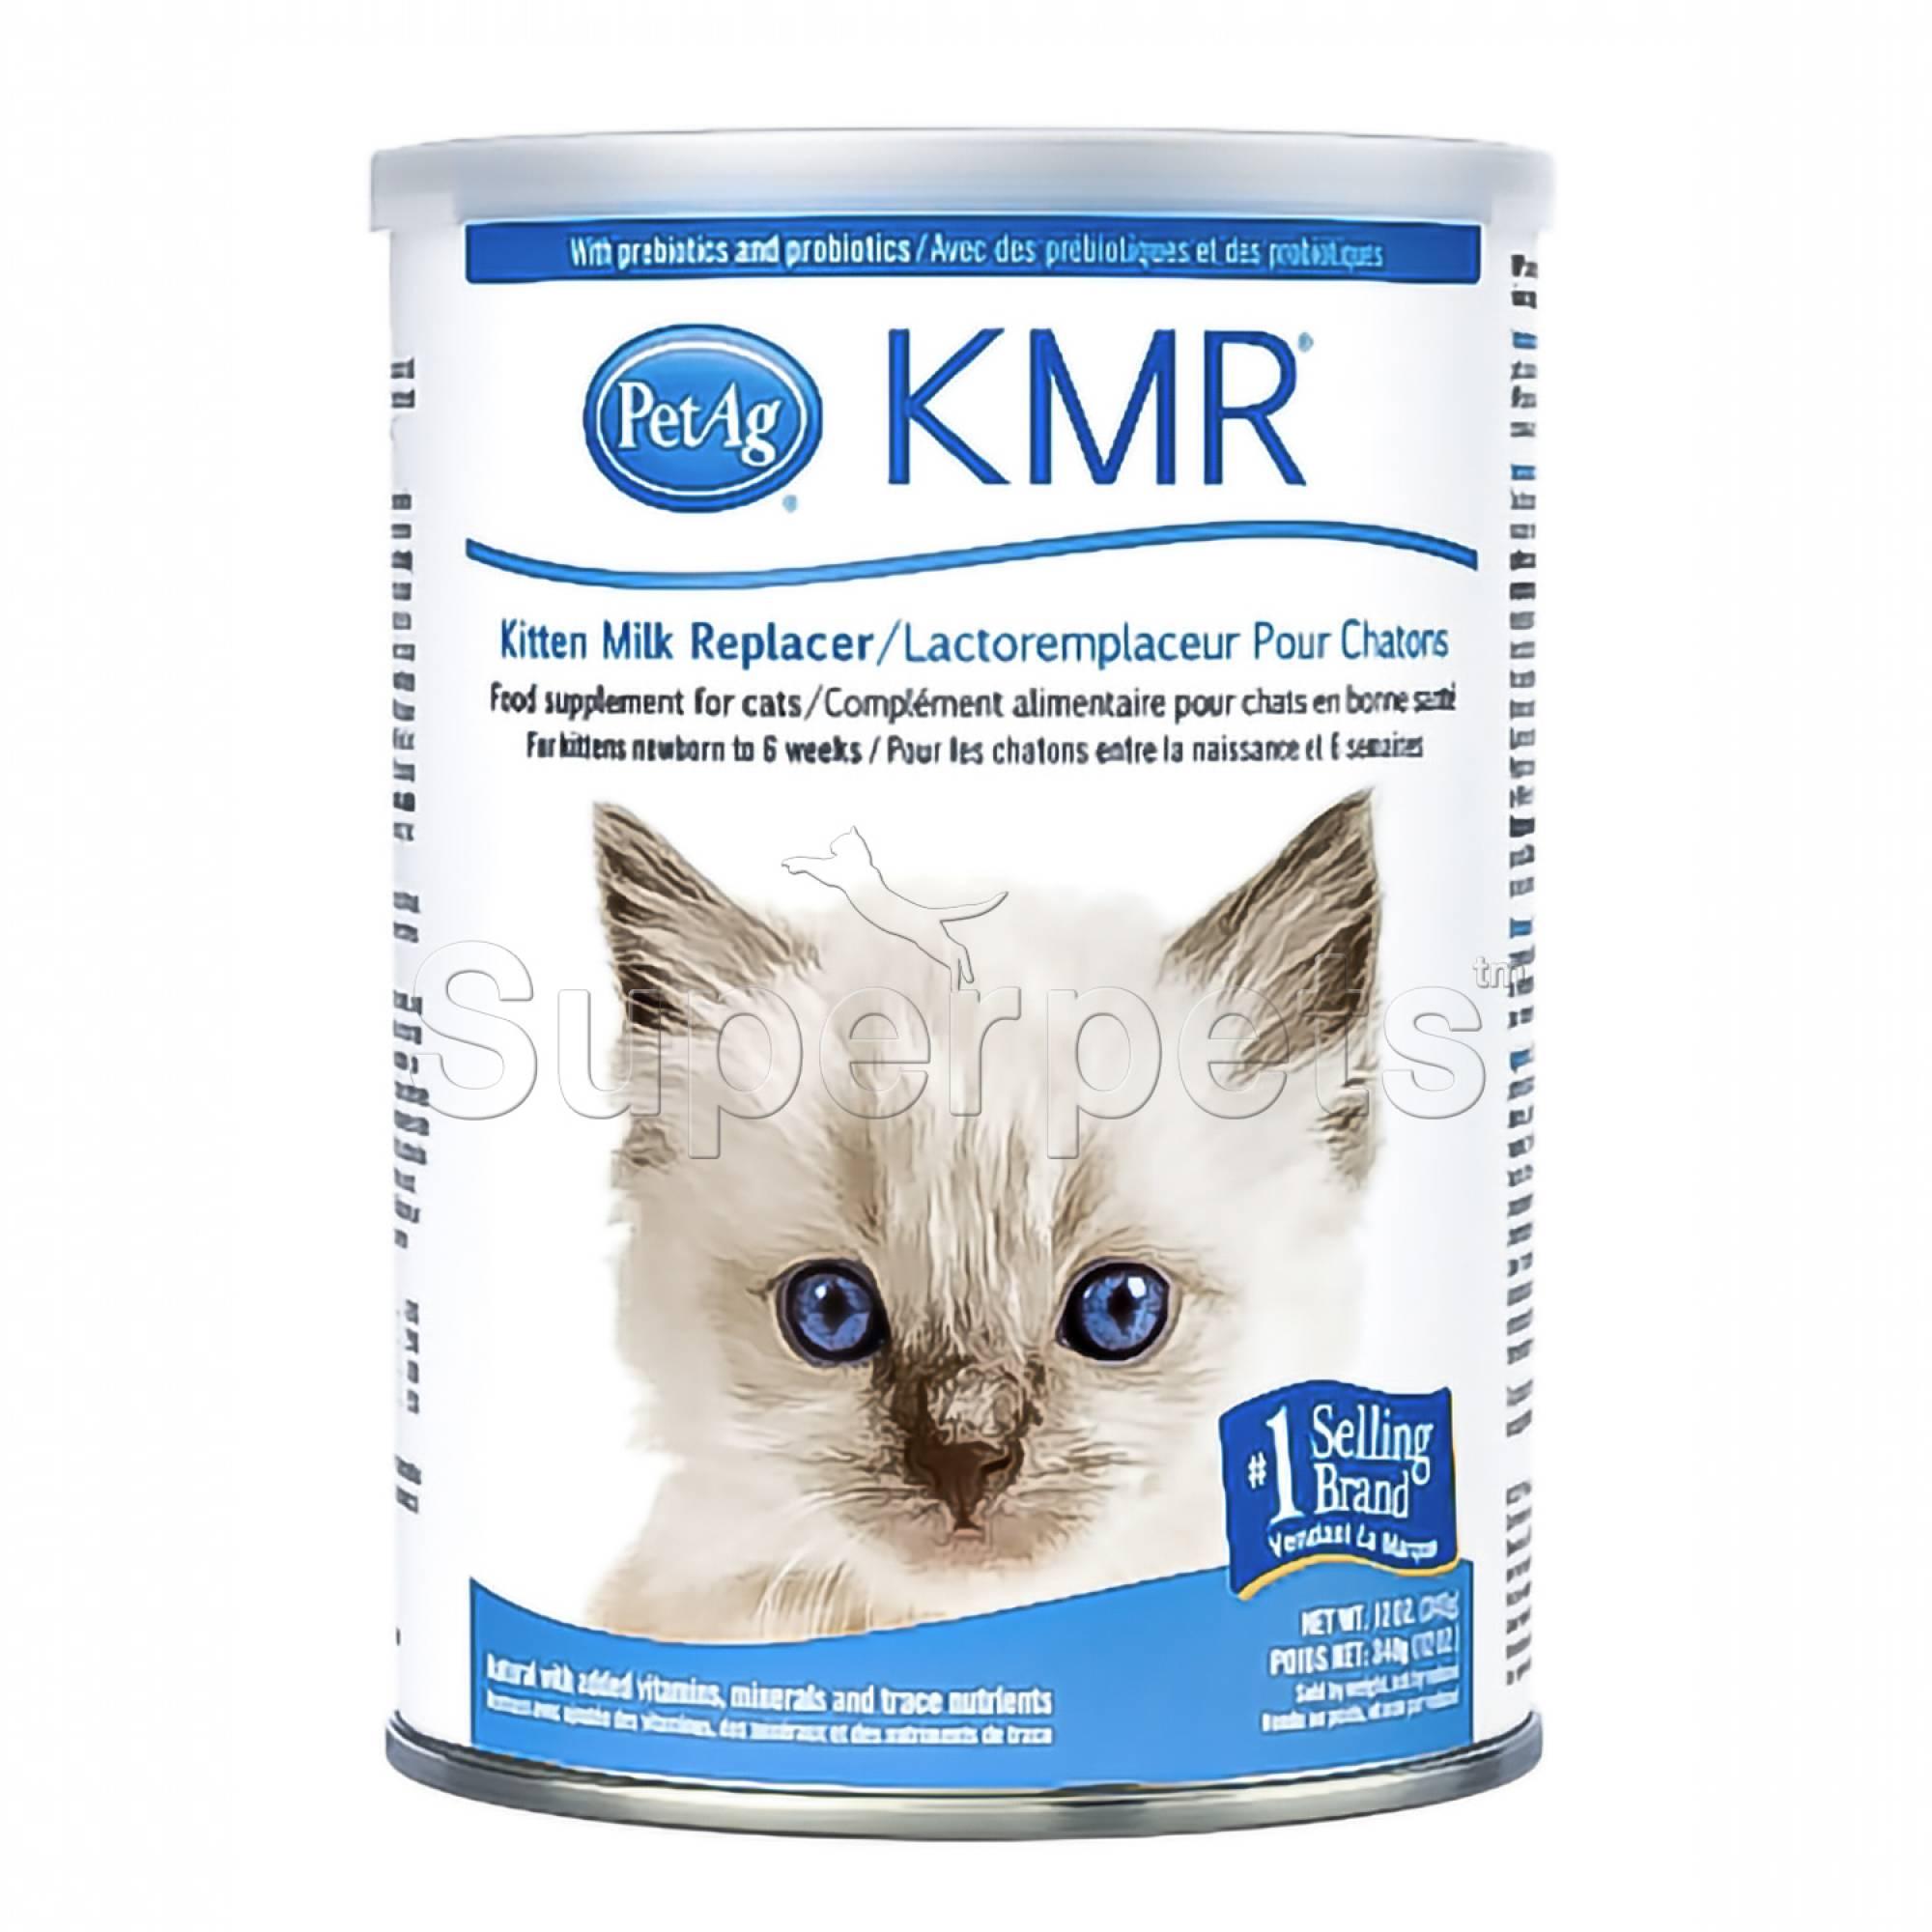 PetAg KMR Kitten Milk Replacer Powder 12oz (340g)